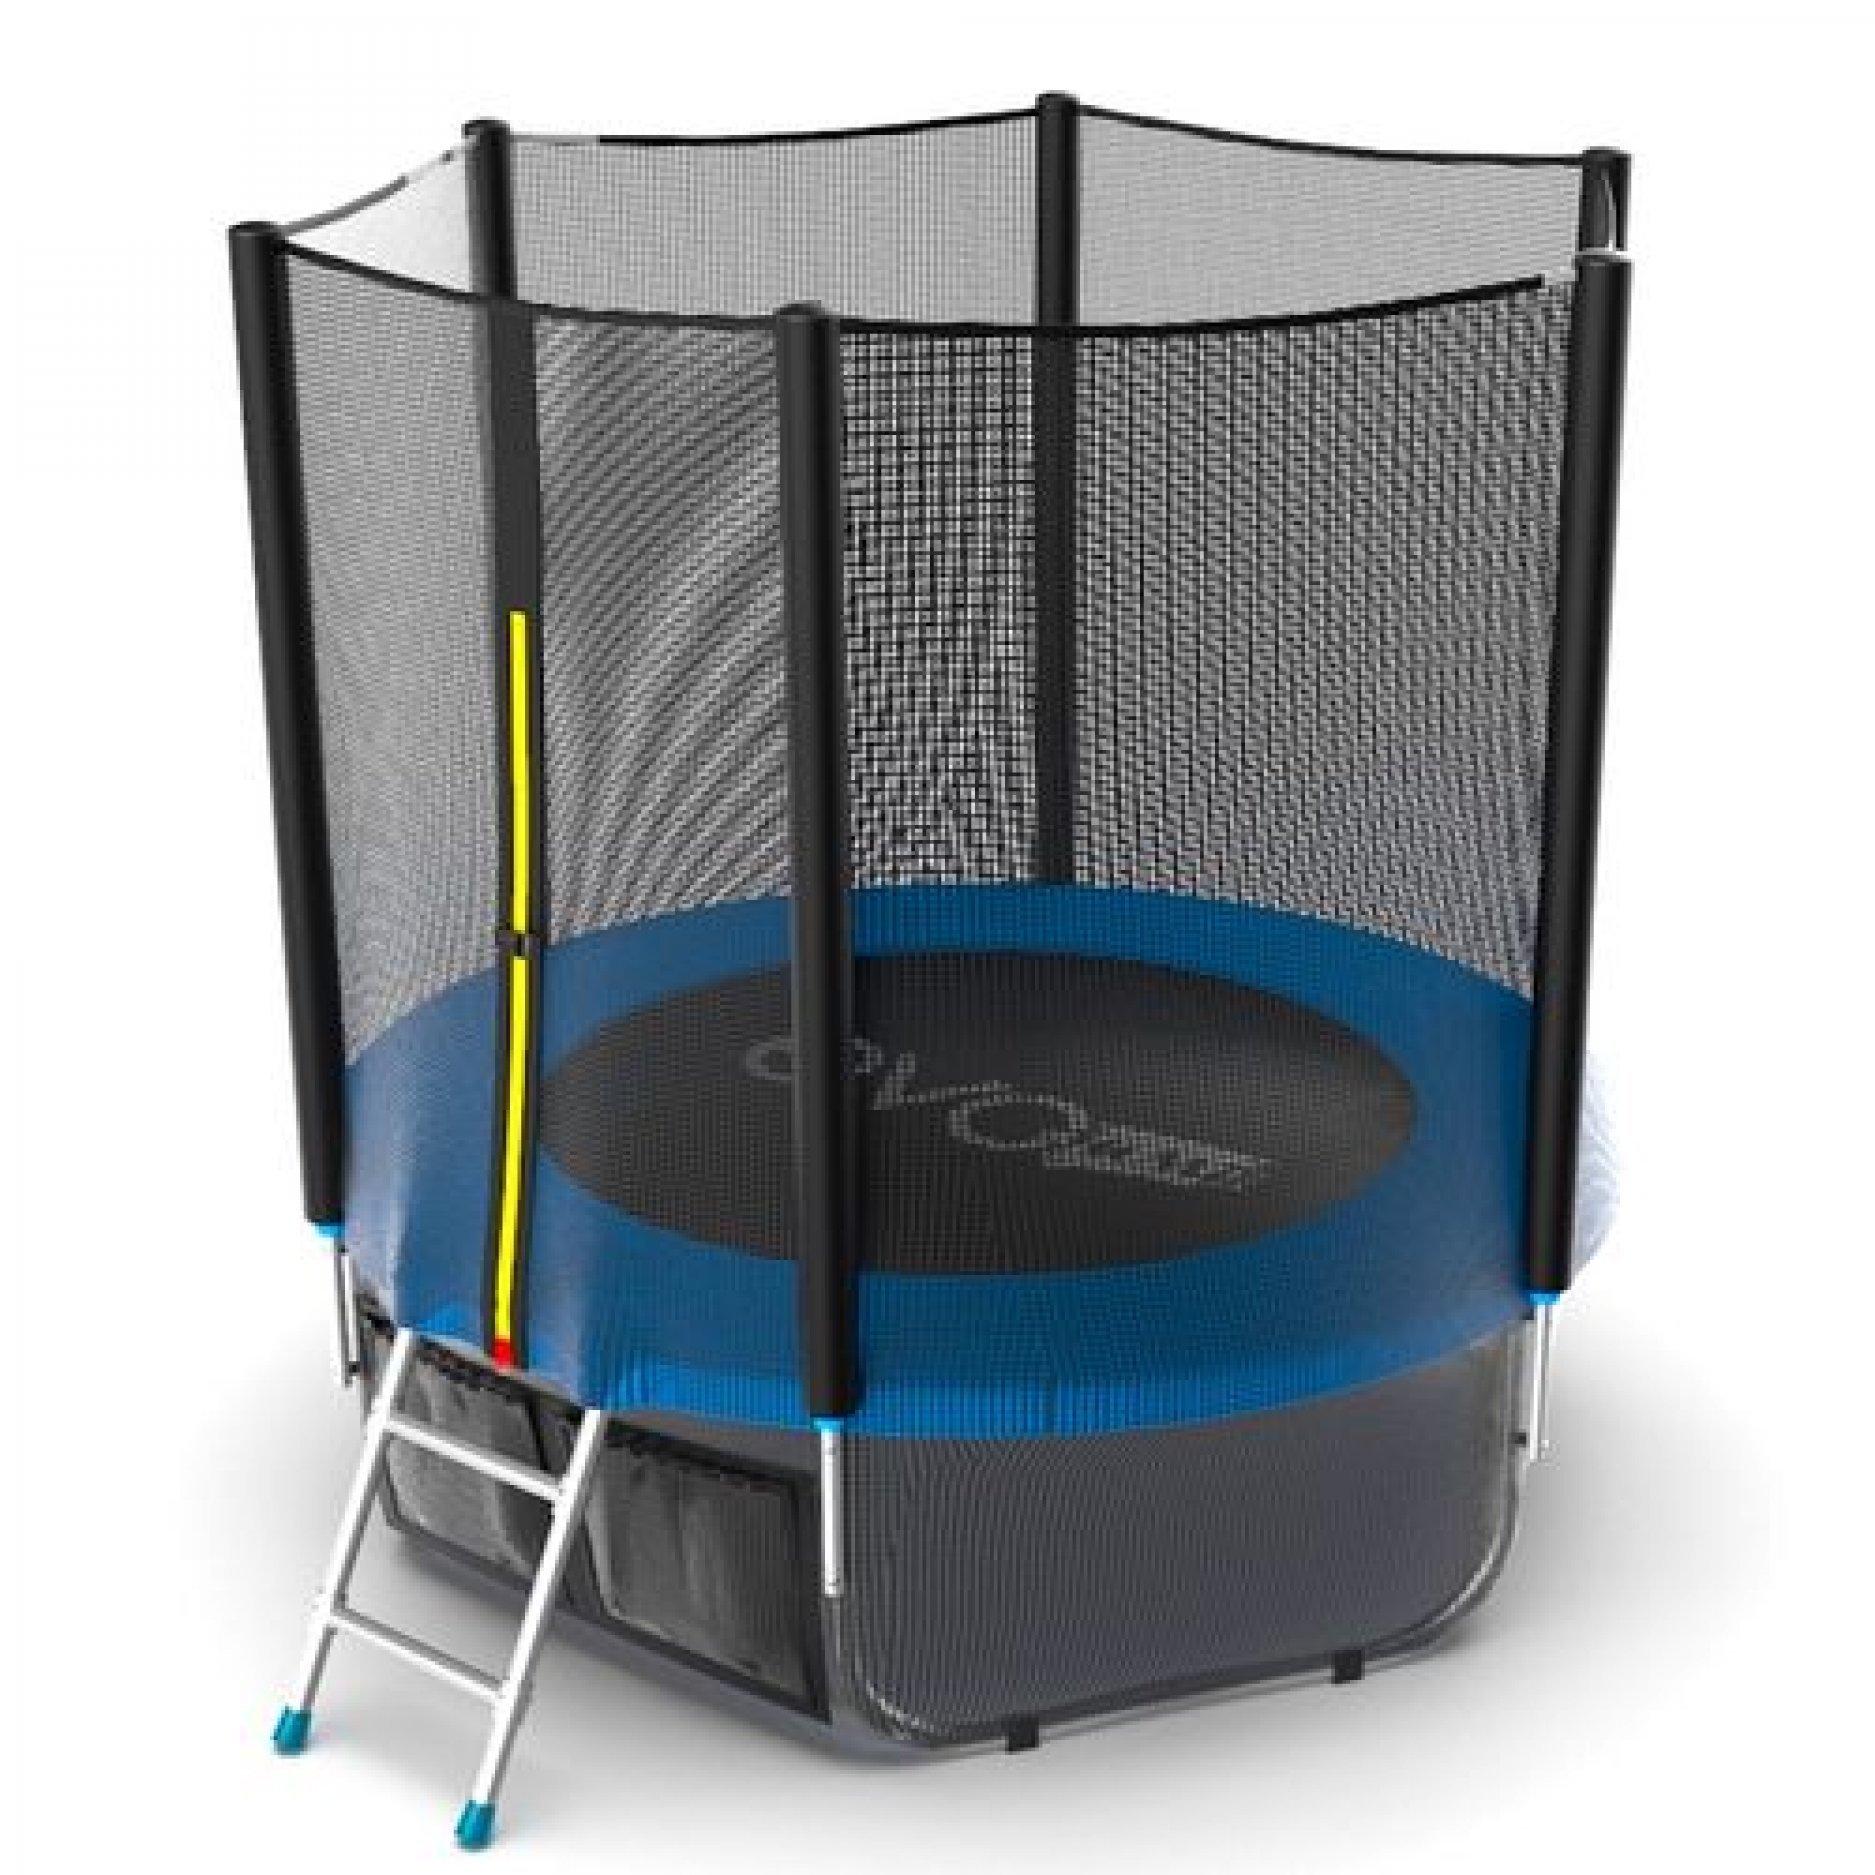 EVO Jump External 6ft (Blue) + Lower net с внешней сеткой и лестницей